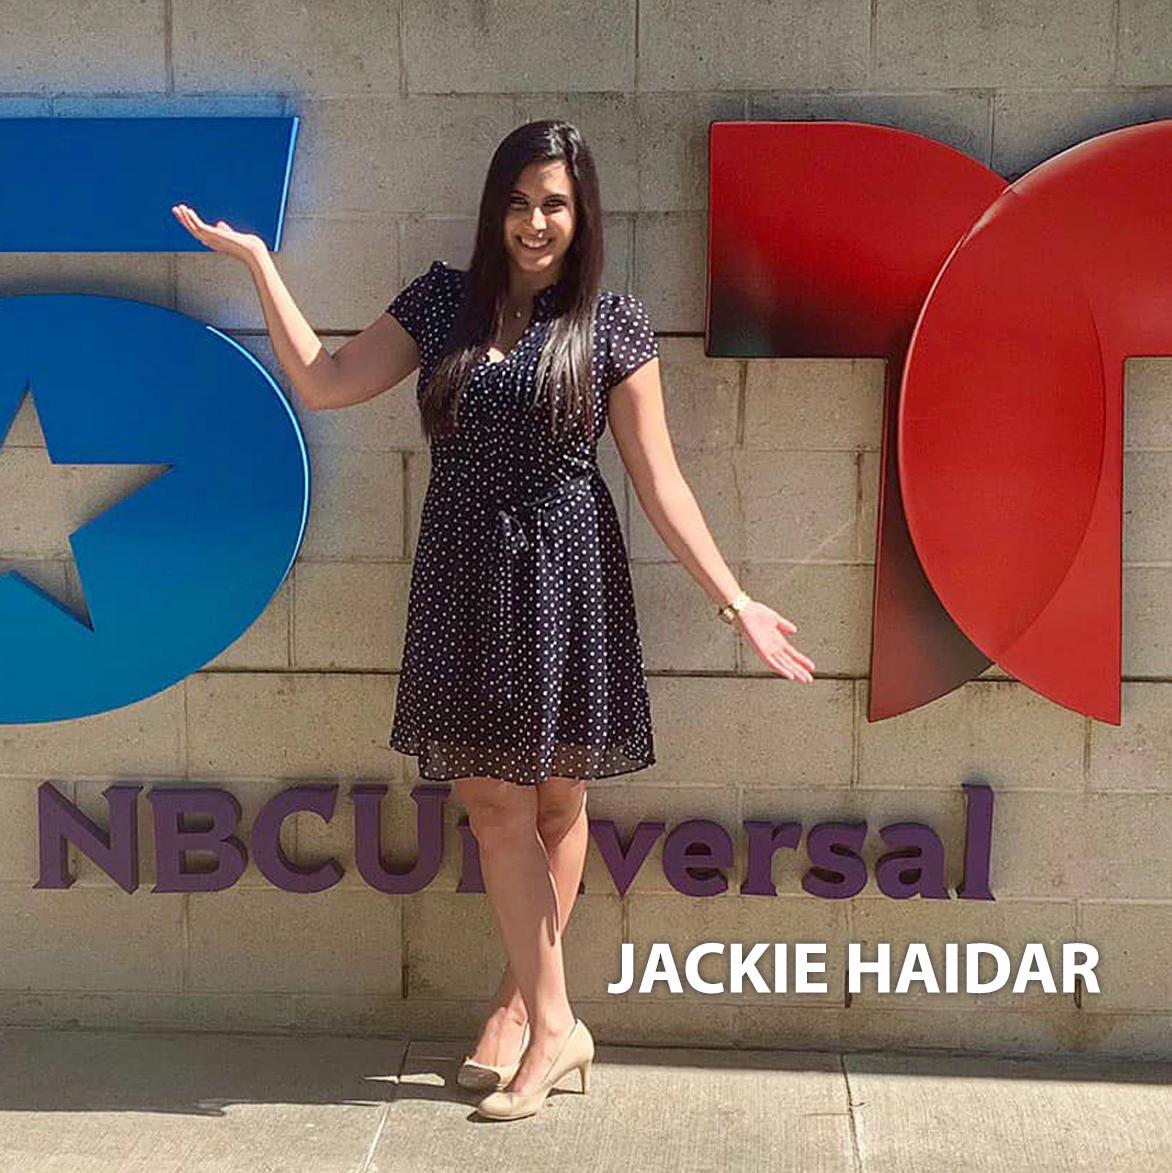 Jackie Haidar Telemundo 39 Square 2.jpg